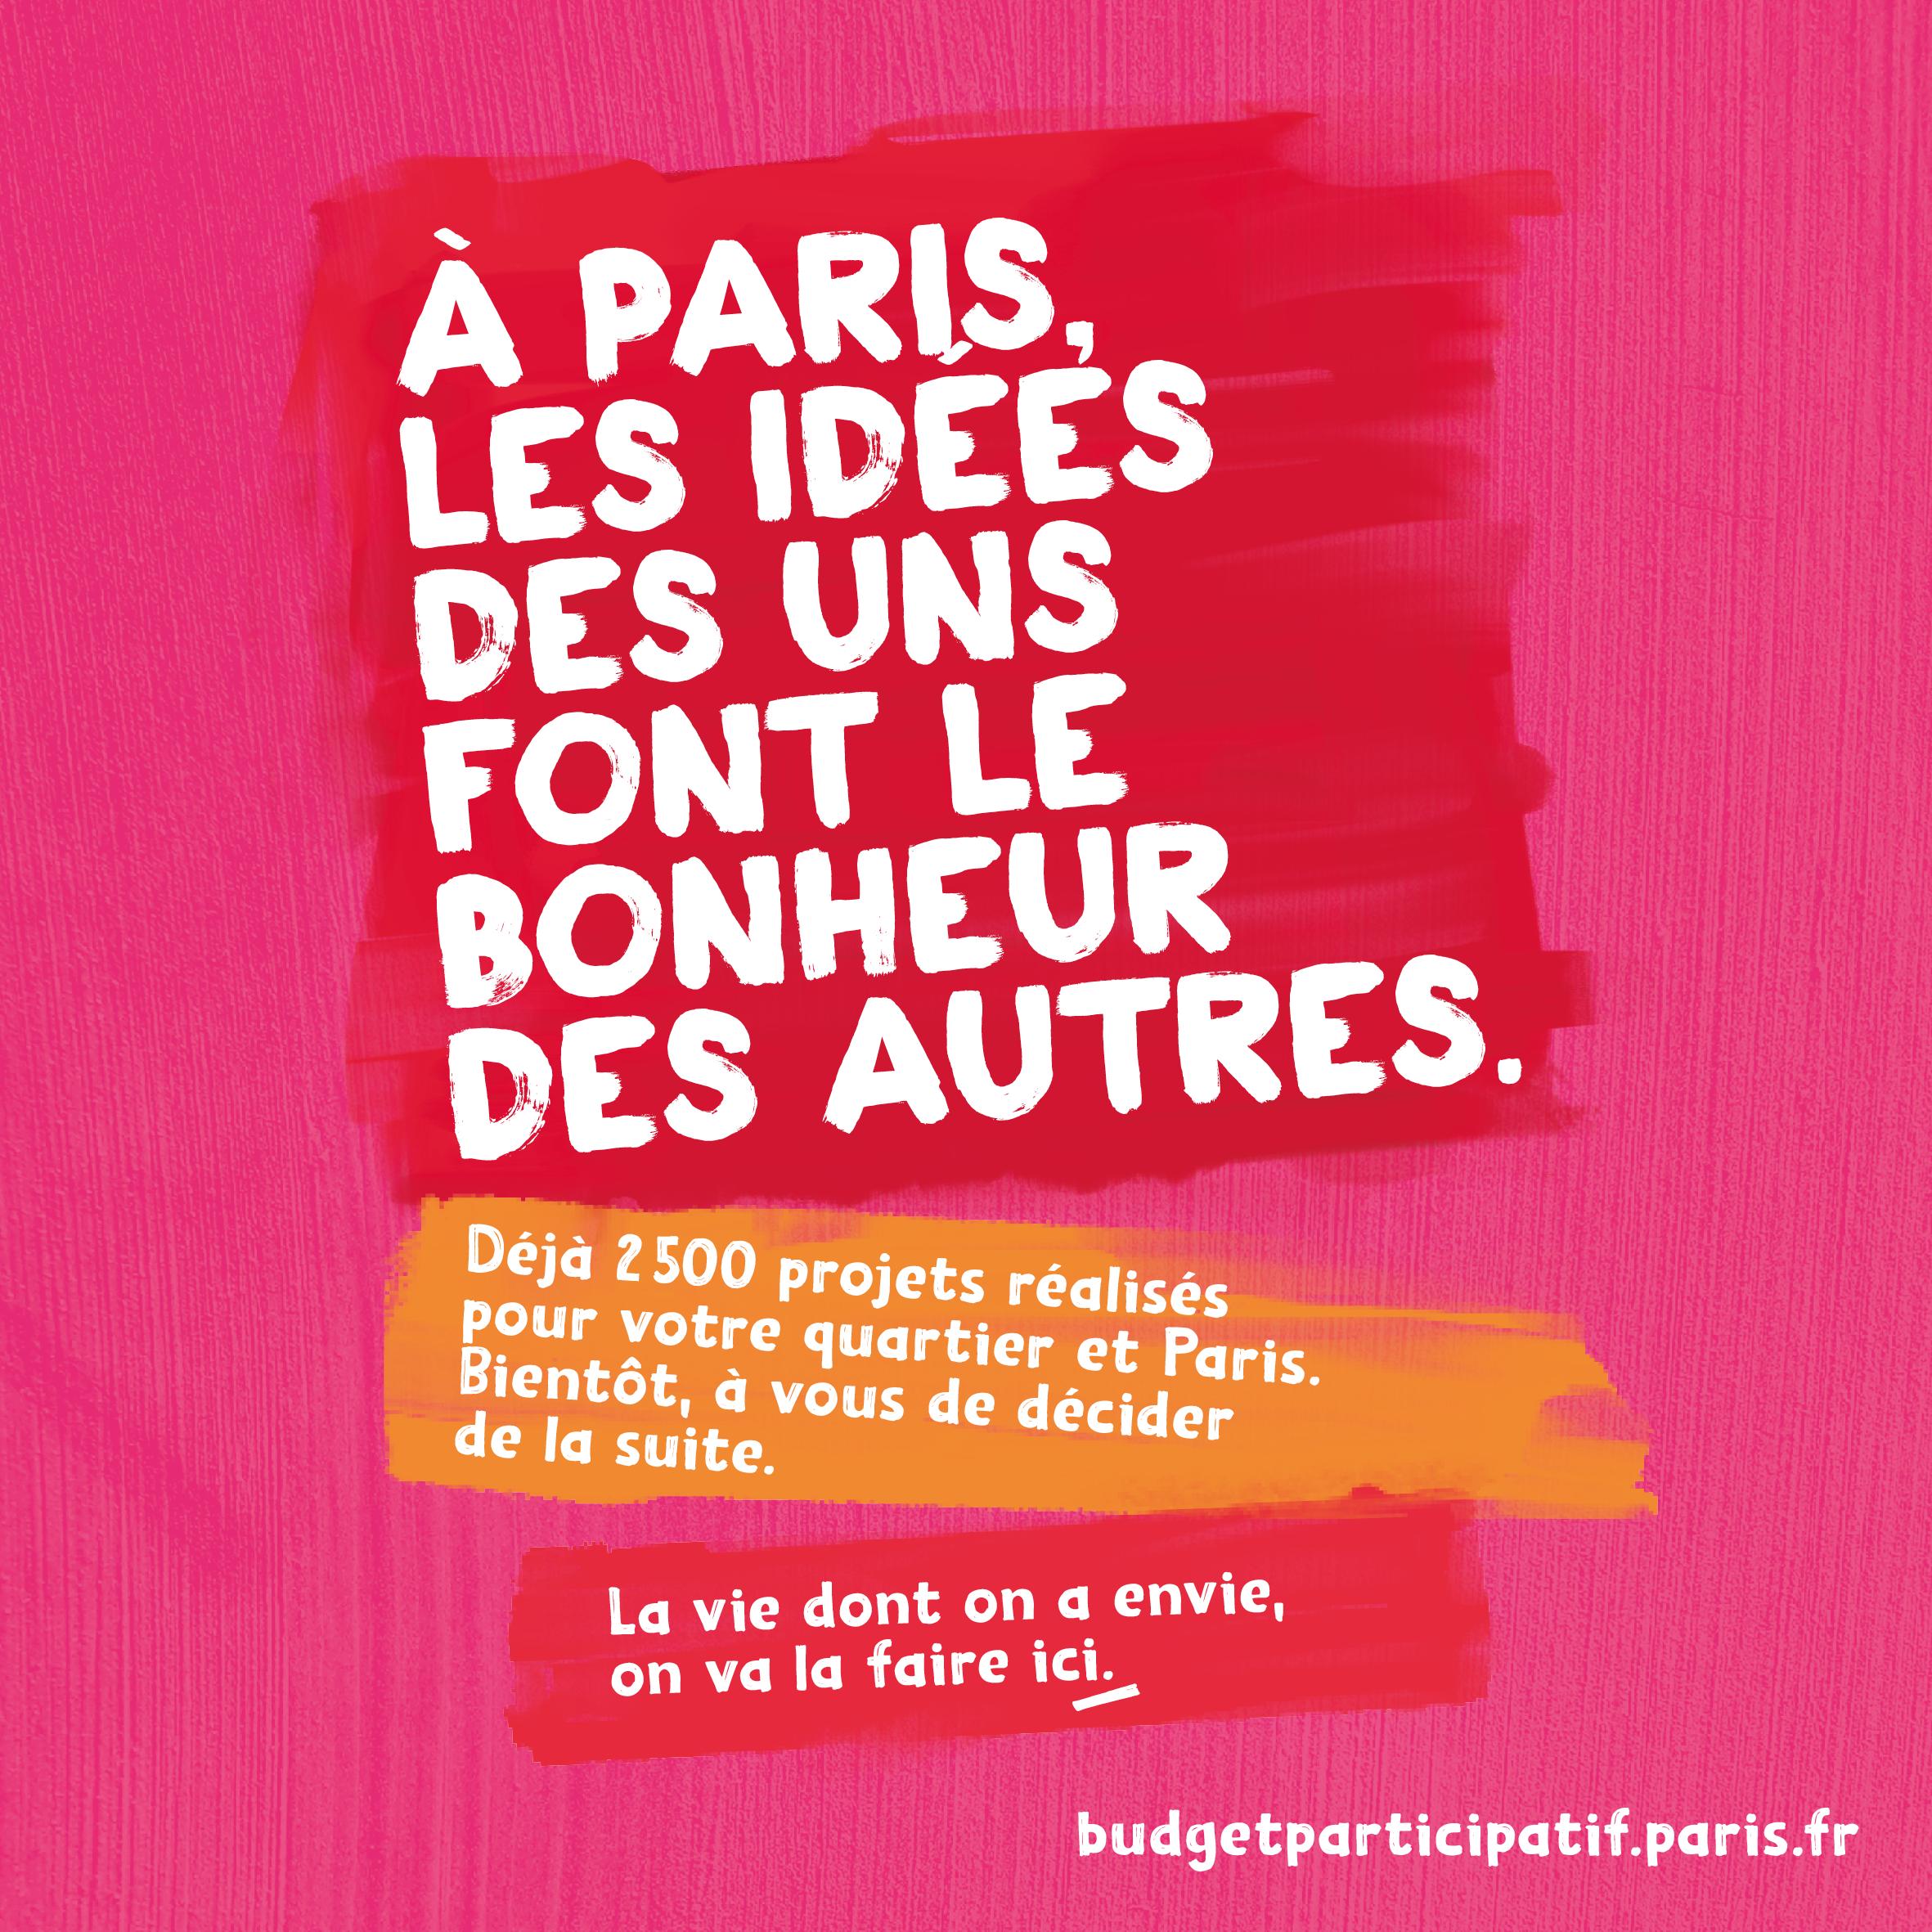 Votez pour restaurer les églises de Paris dans le cadre du budget participatif 2021